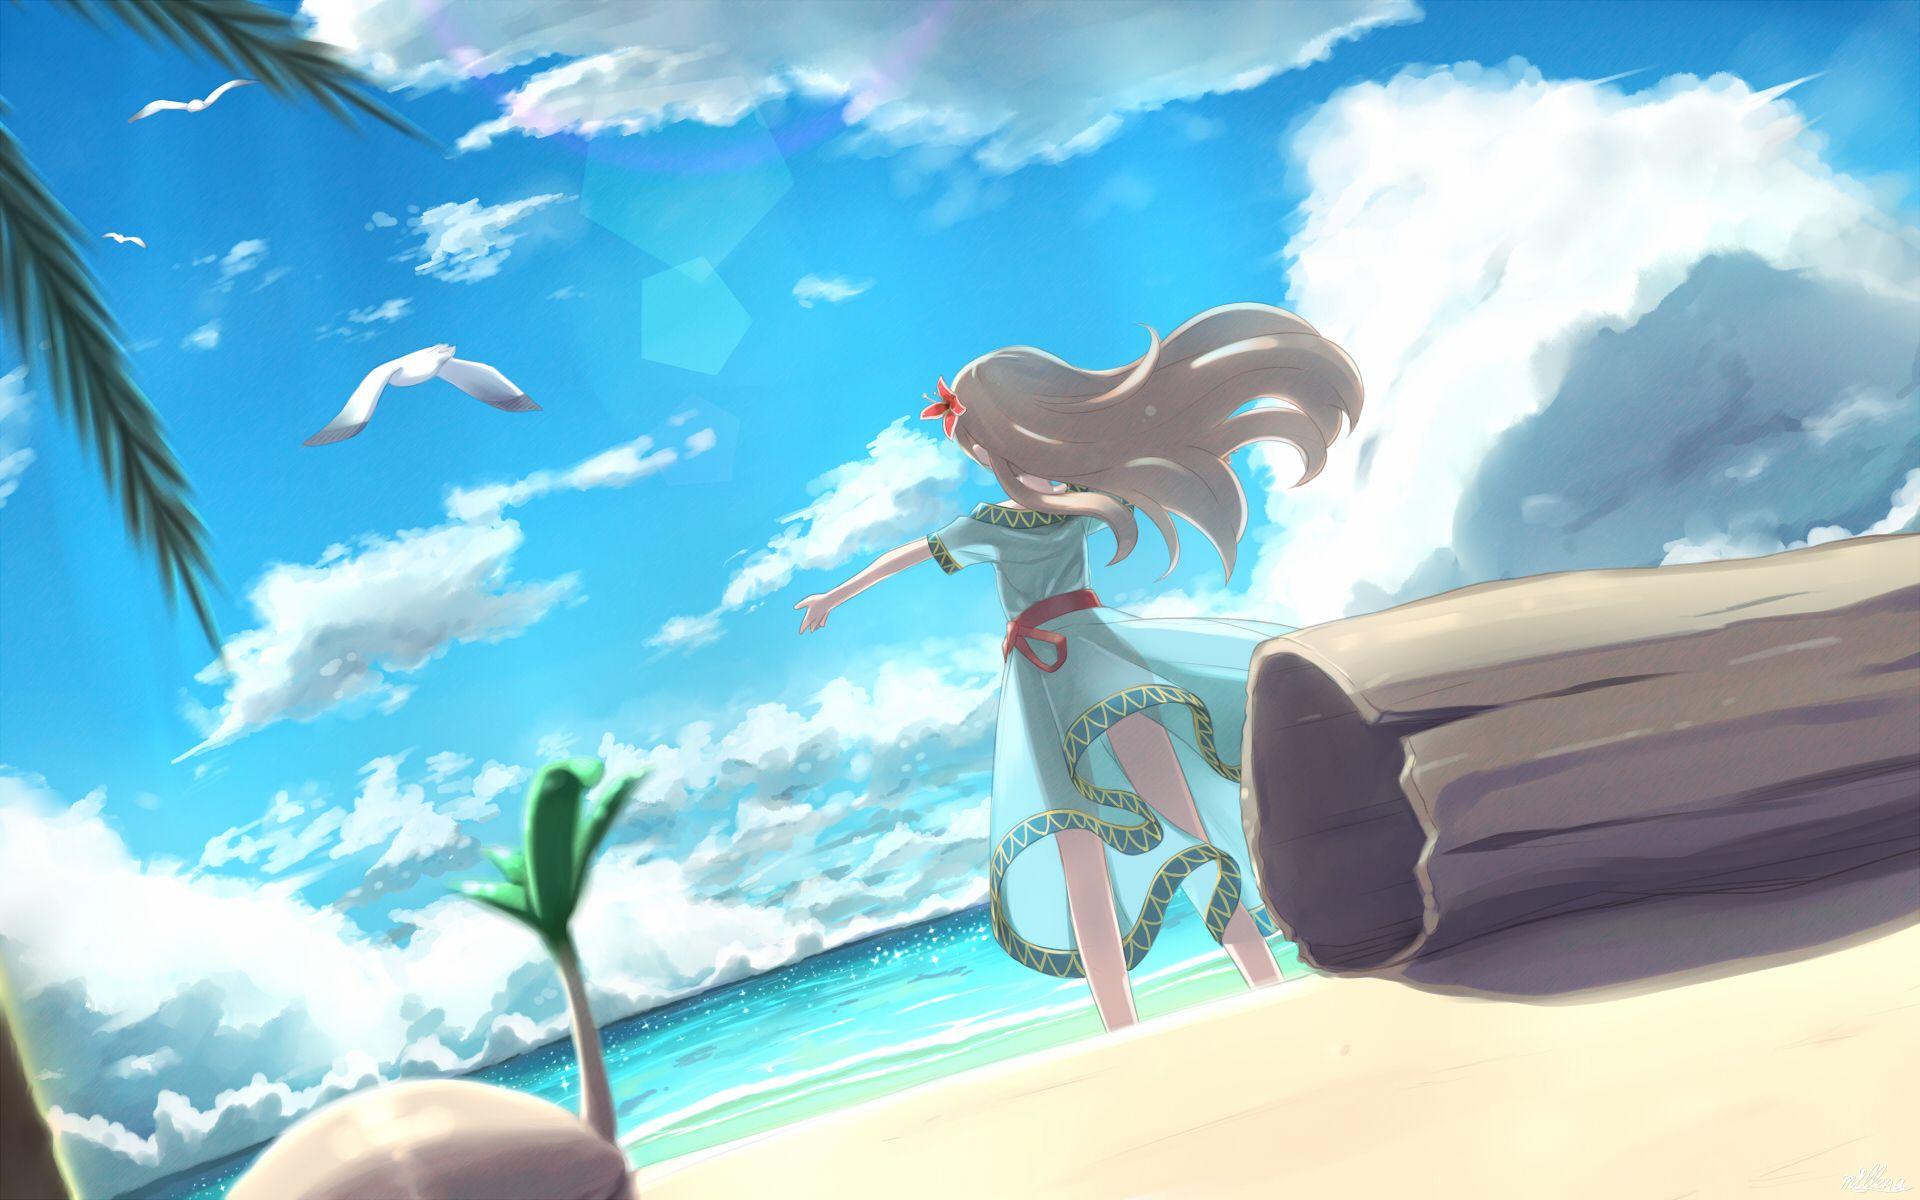 かぜのさかなのうた By Mille Legend Of Zelda Anime Wallpaper Cool Anime Backgrounds